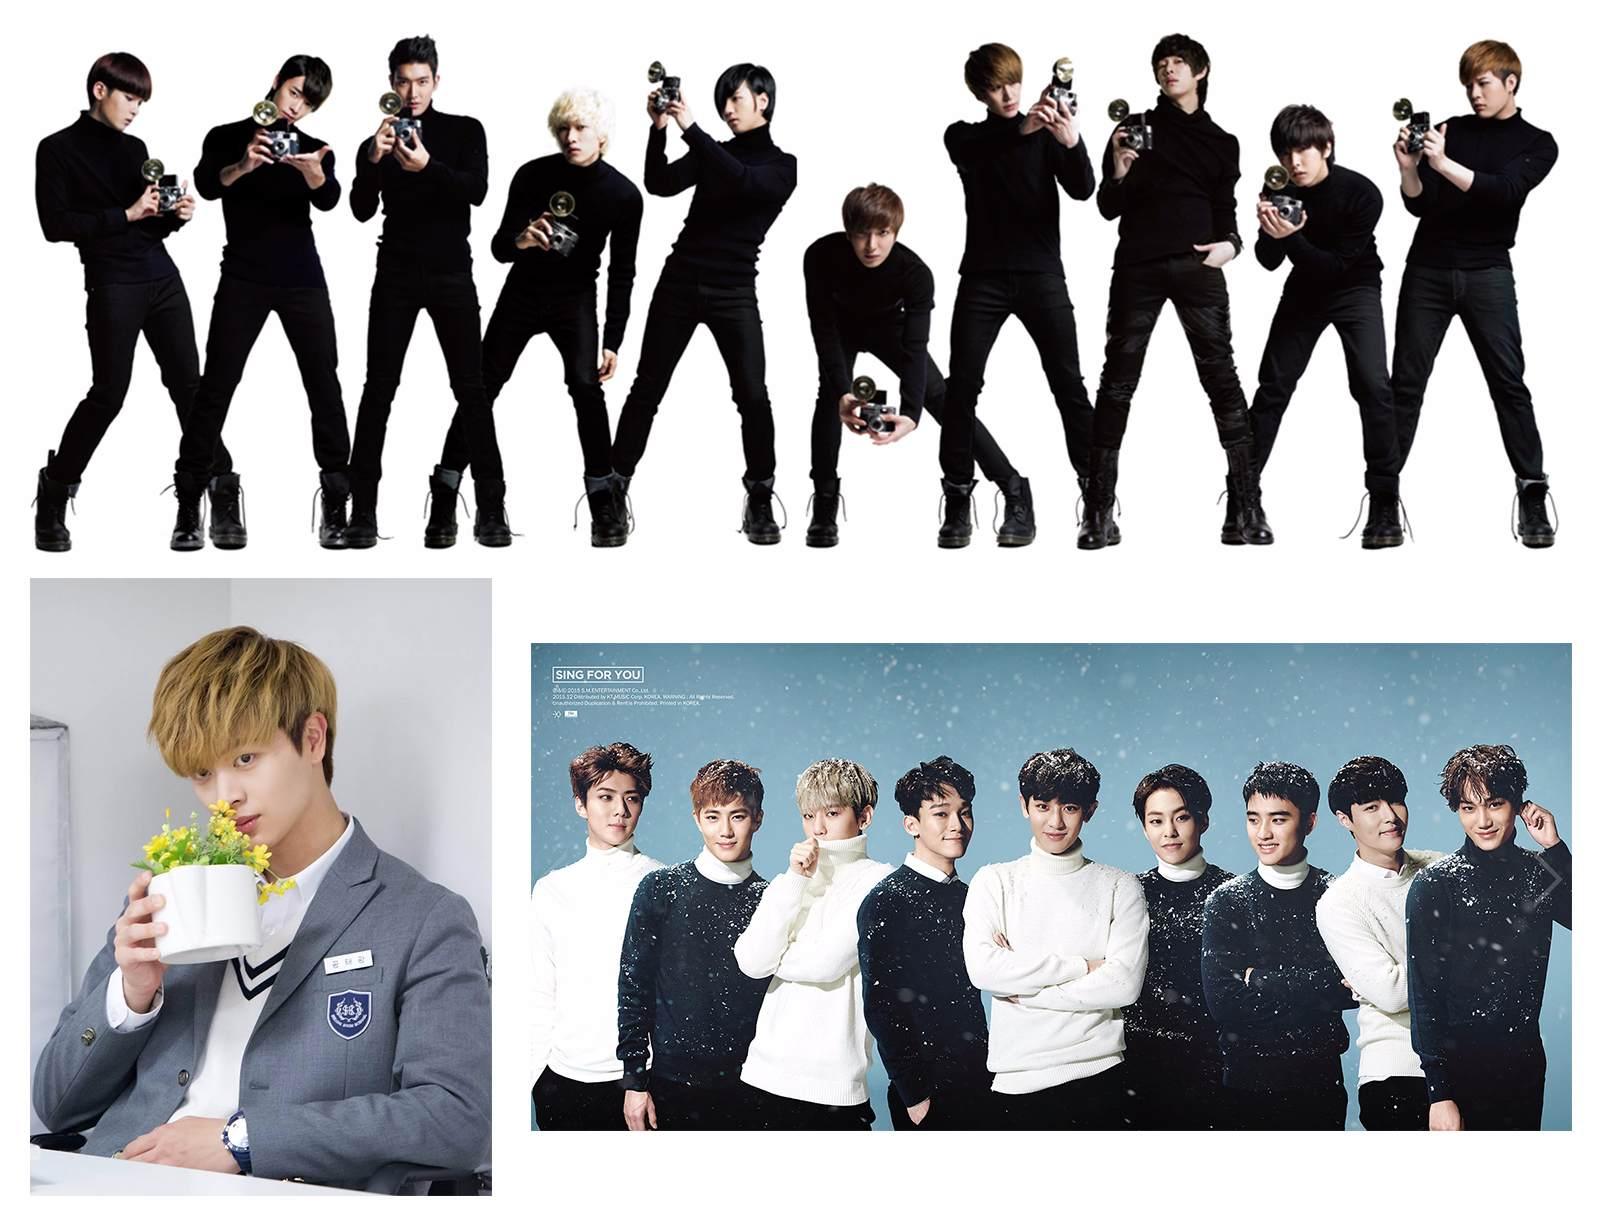 房間牆壁上有Super Junior、EXO和陸星材個人的海報♥ (因為版權關係,小編按照預告中擺設順序拼圖給大家看哦~)